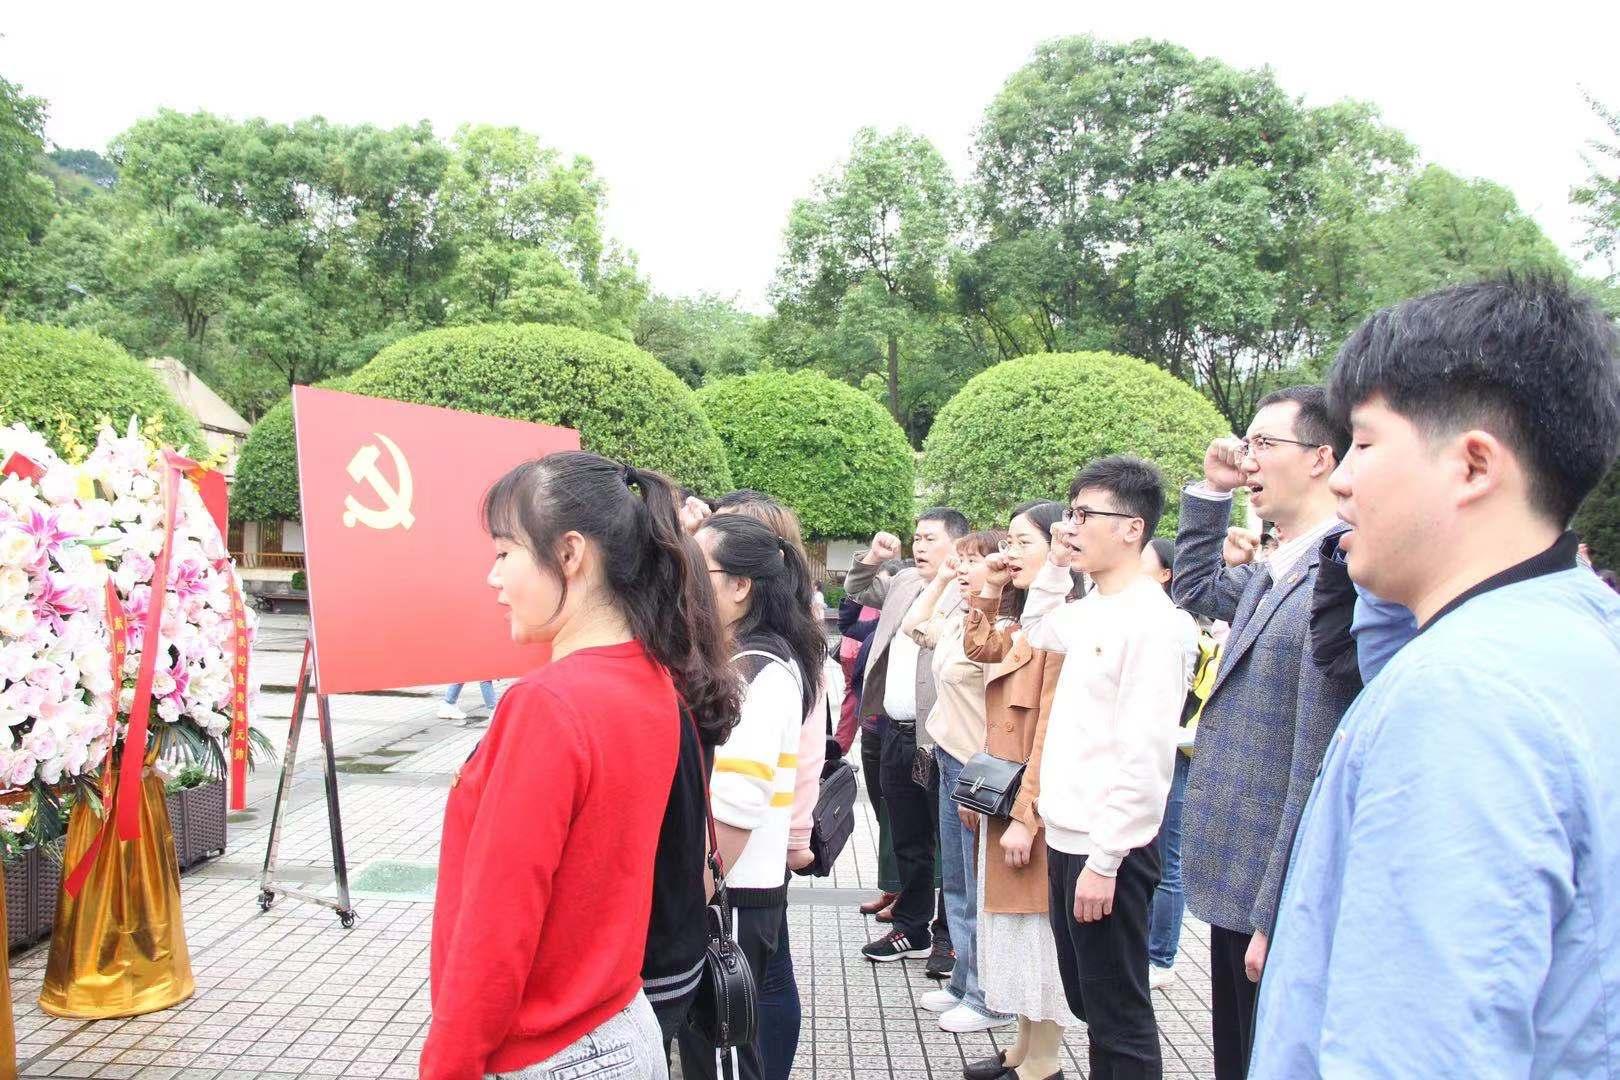 第9、15、16、17、18党支部赴江津聂荣臻纪念馆开展爱国主义教育